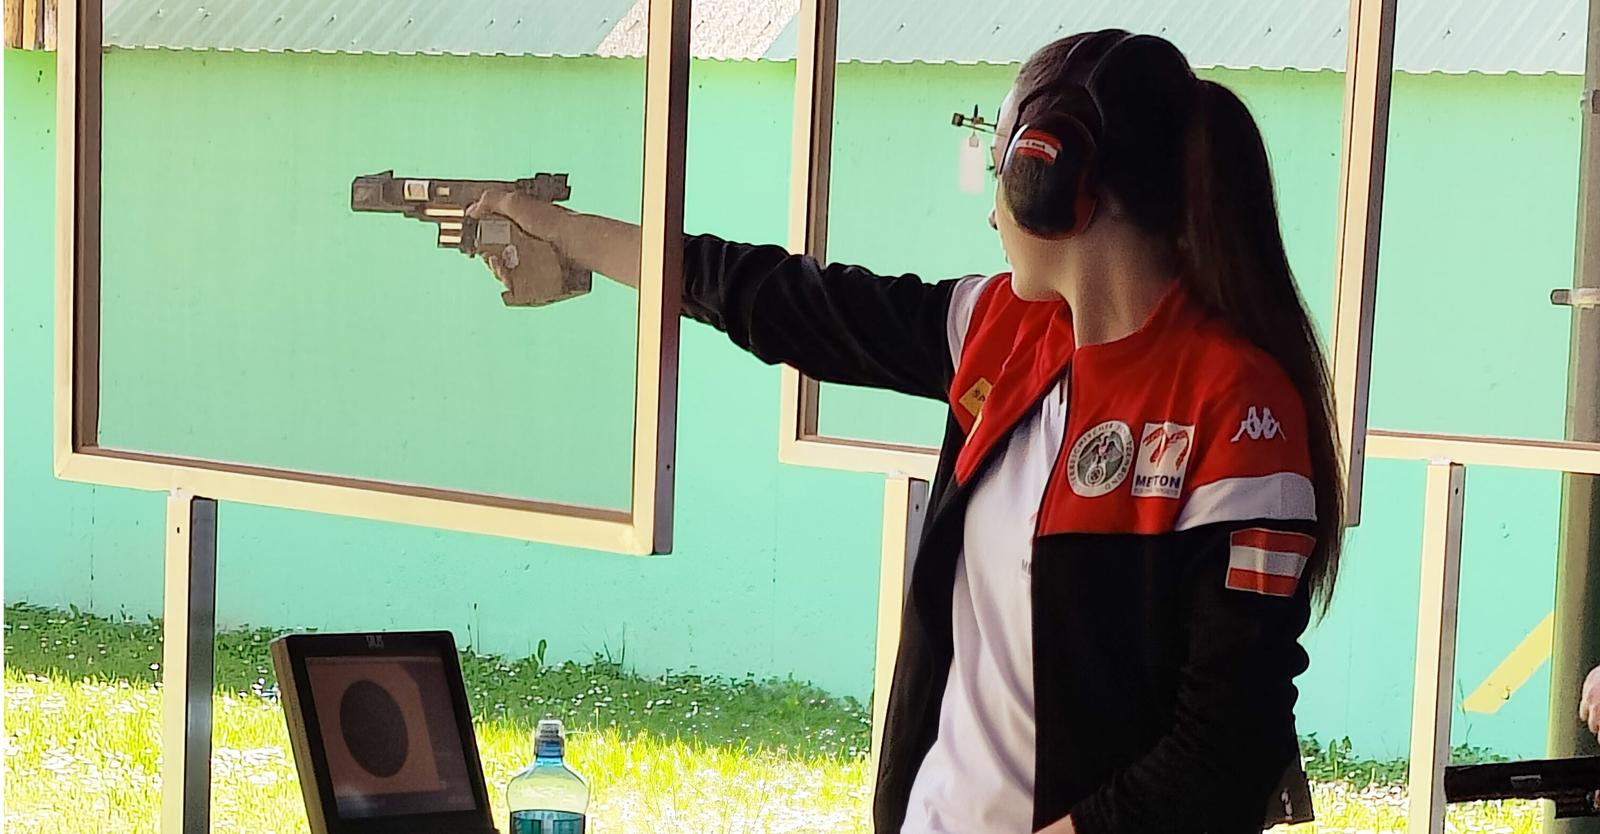 Corina Gosch gelingt in Osijek Personal Best mit der 25m-Pistole © Franz Roth, ÖSB